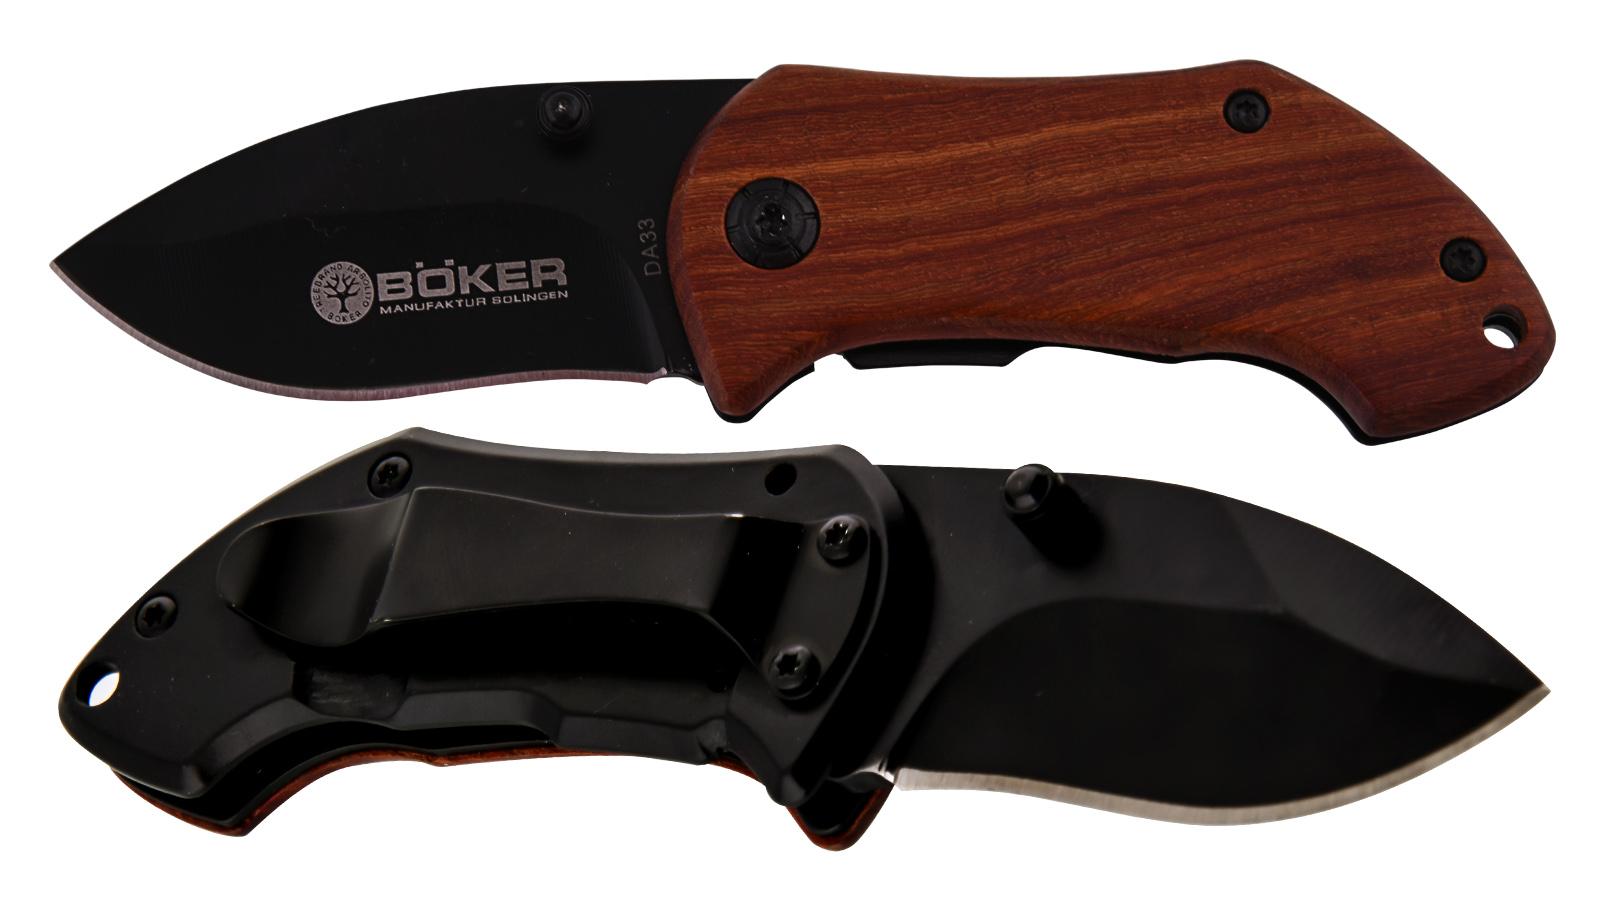 Складной нож Boker DA33 высокого качества